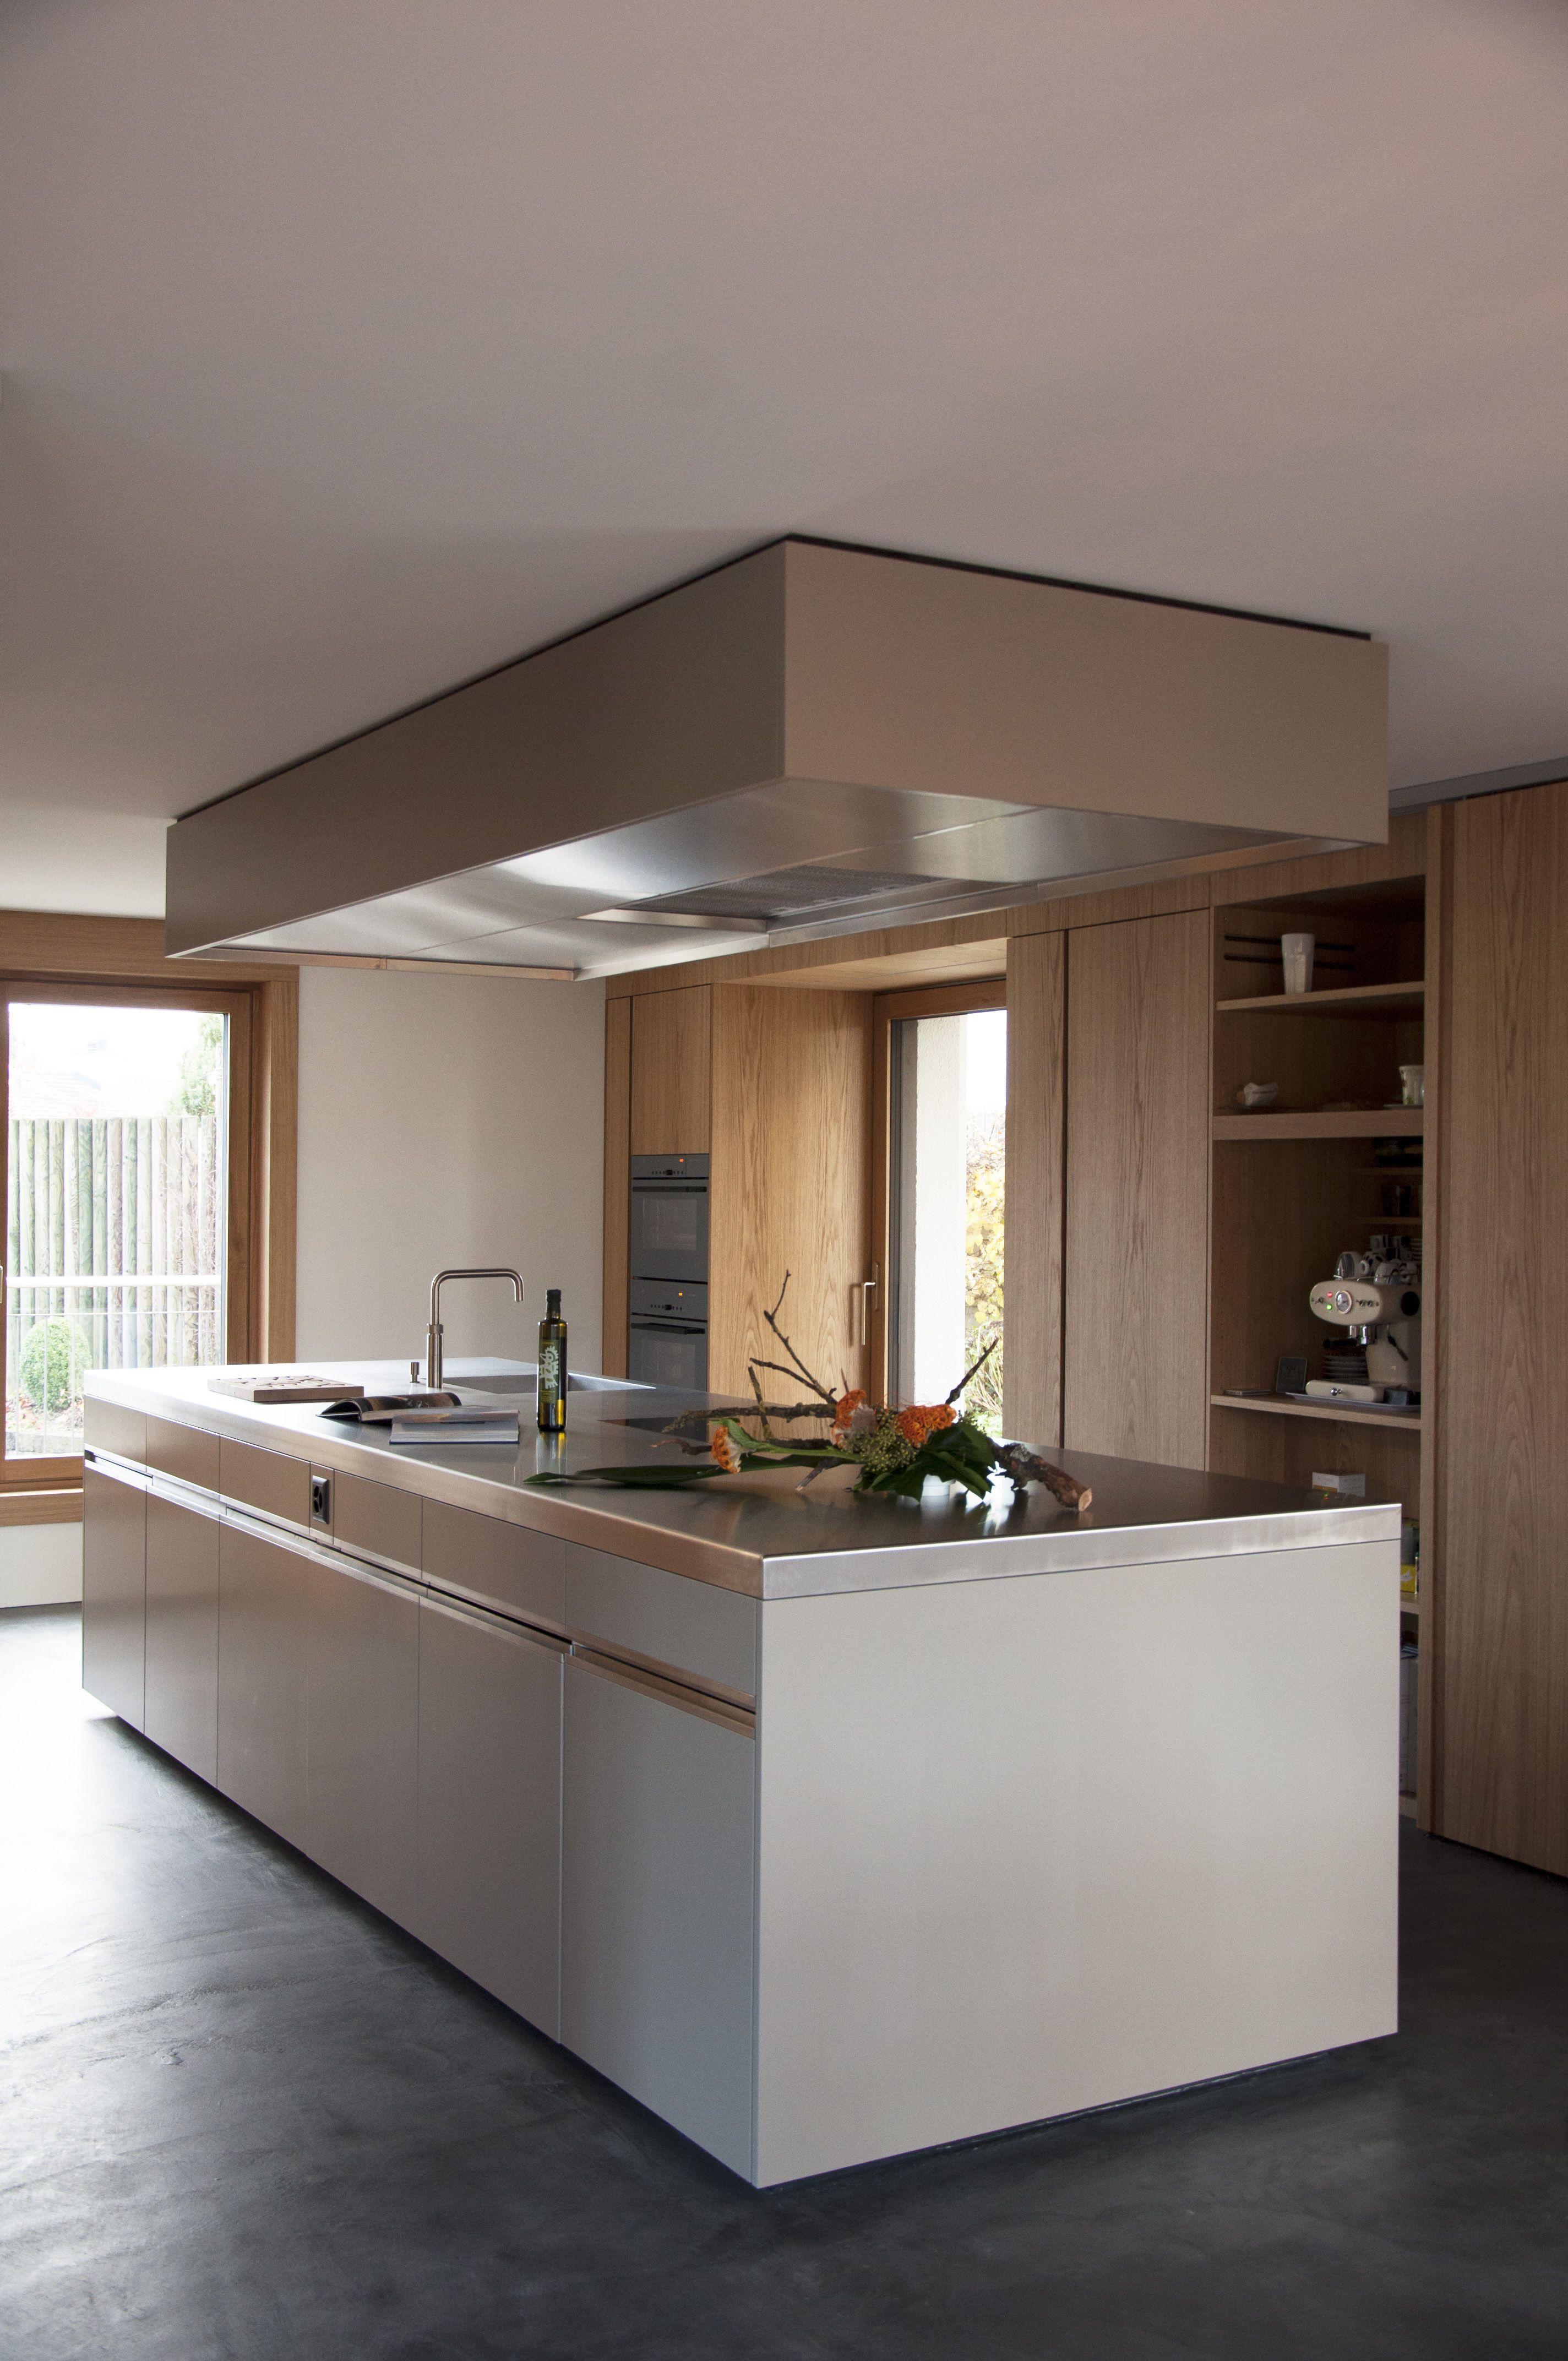 Küche Mit Chromstahlabdeckung Korpus Lackiert In Taupe